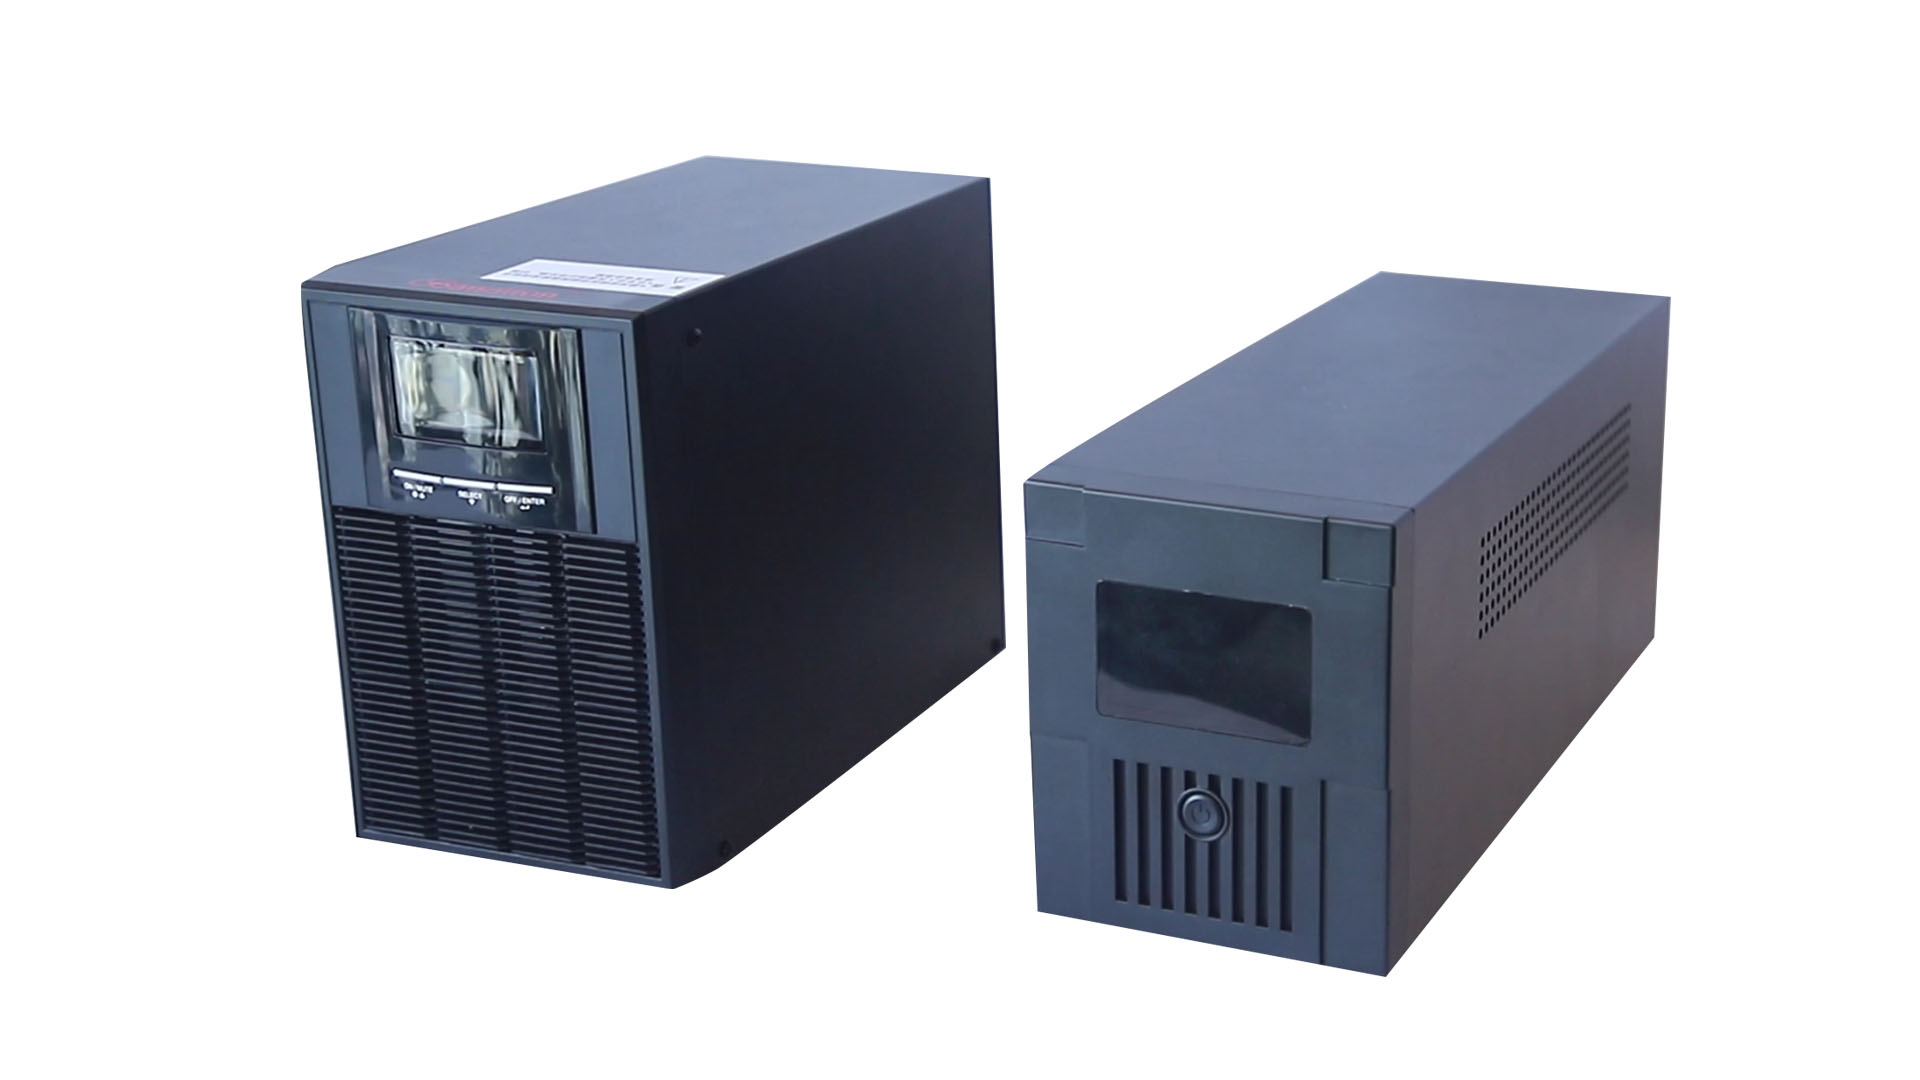 1 ~ 3KVA ONLINE UPS Ecologic Battery Backup Surge Protector UPS SISTEMA Fuente de alimentación ininterrumpida